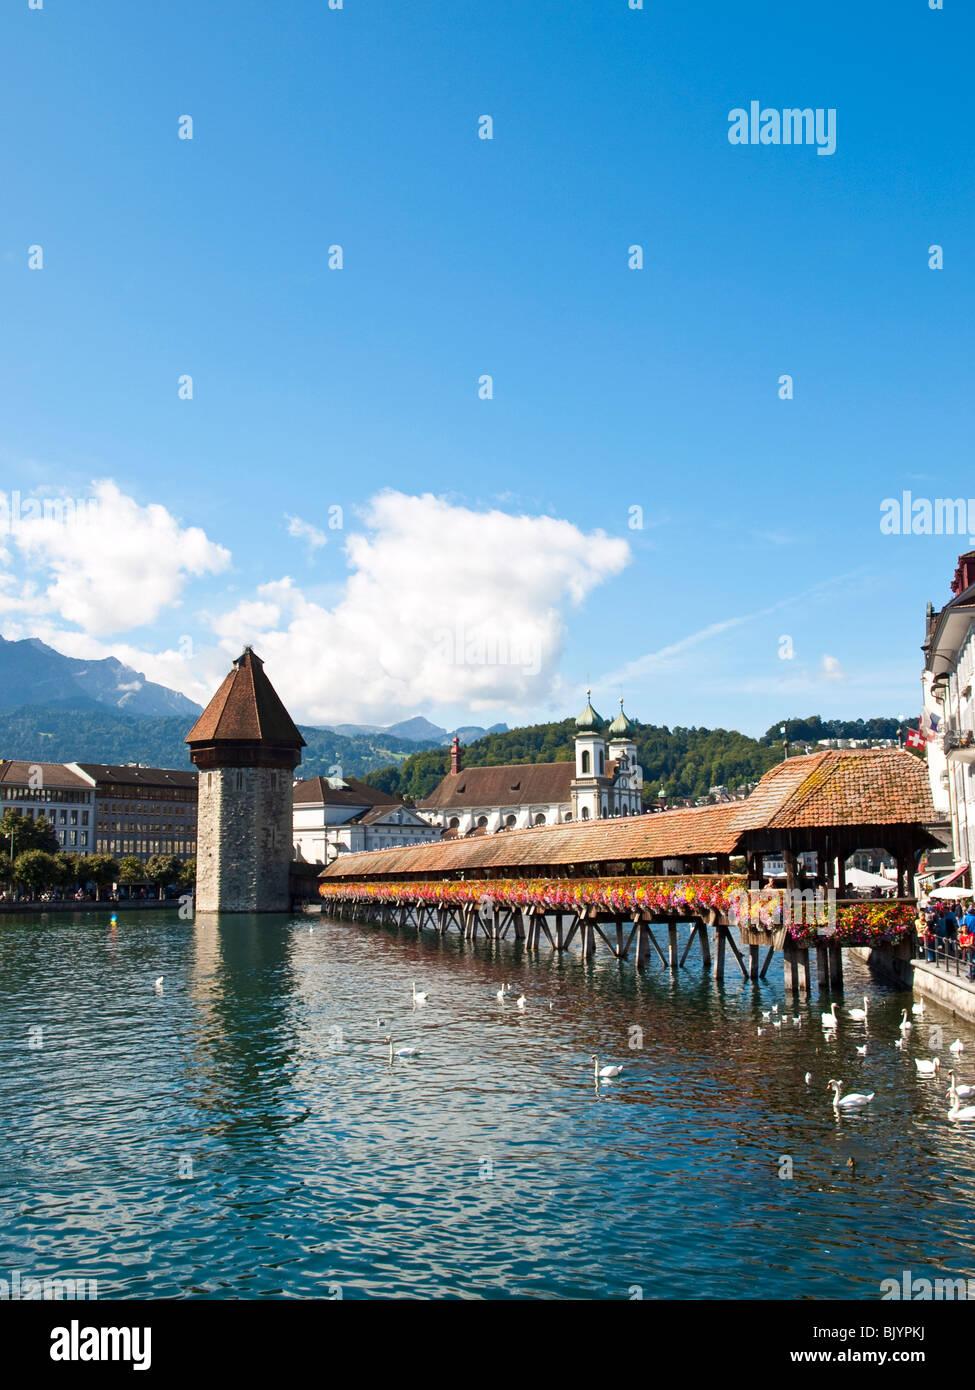 speed dating zentralschweiz